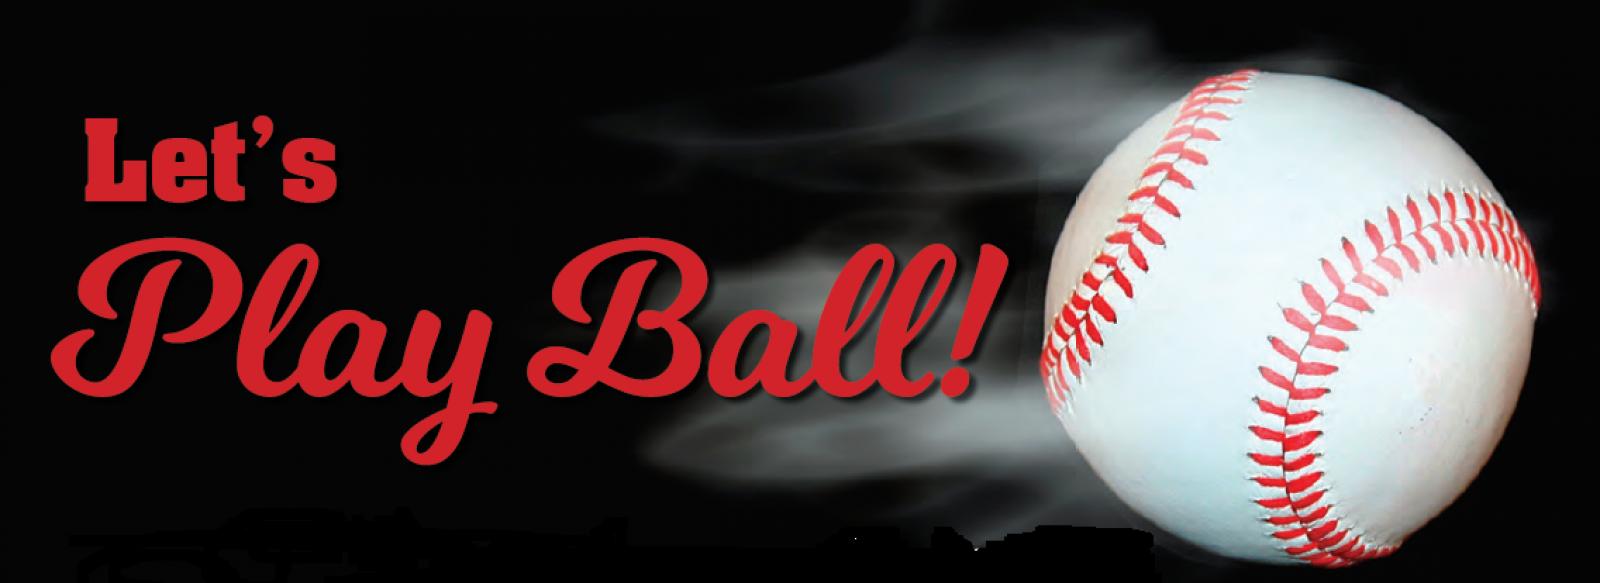 Toronto Chapter Baseball 2019